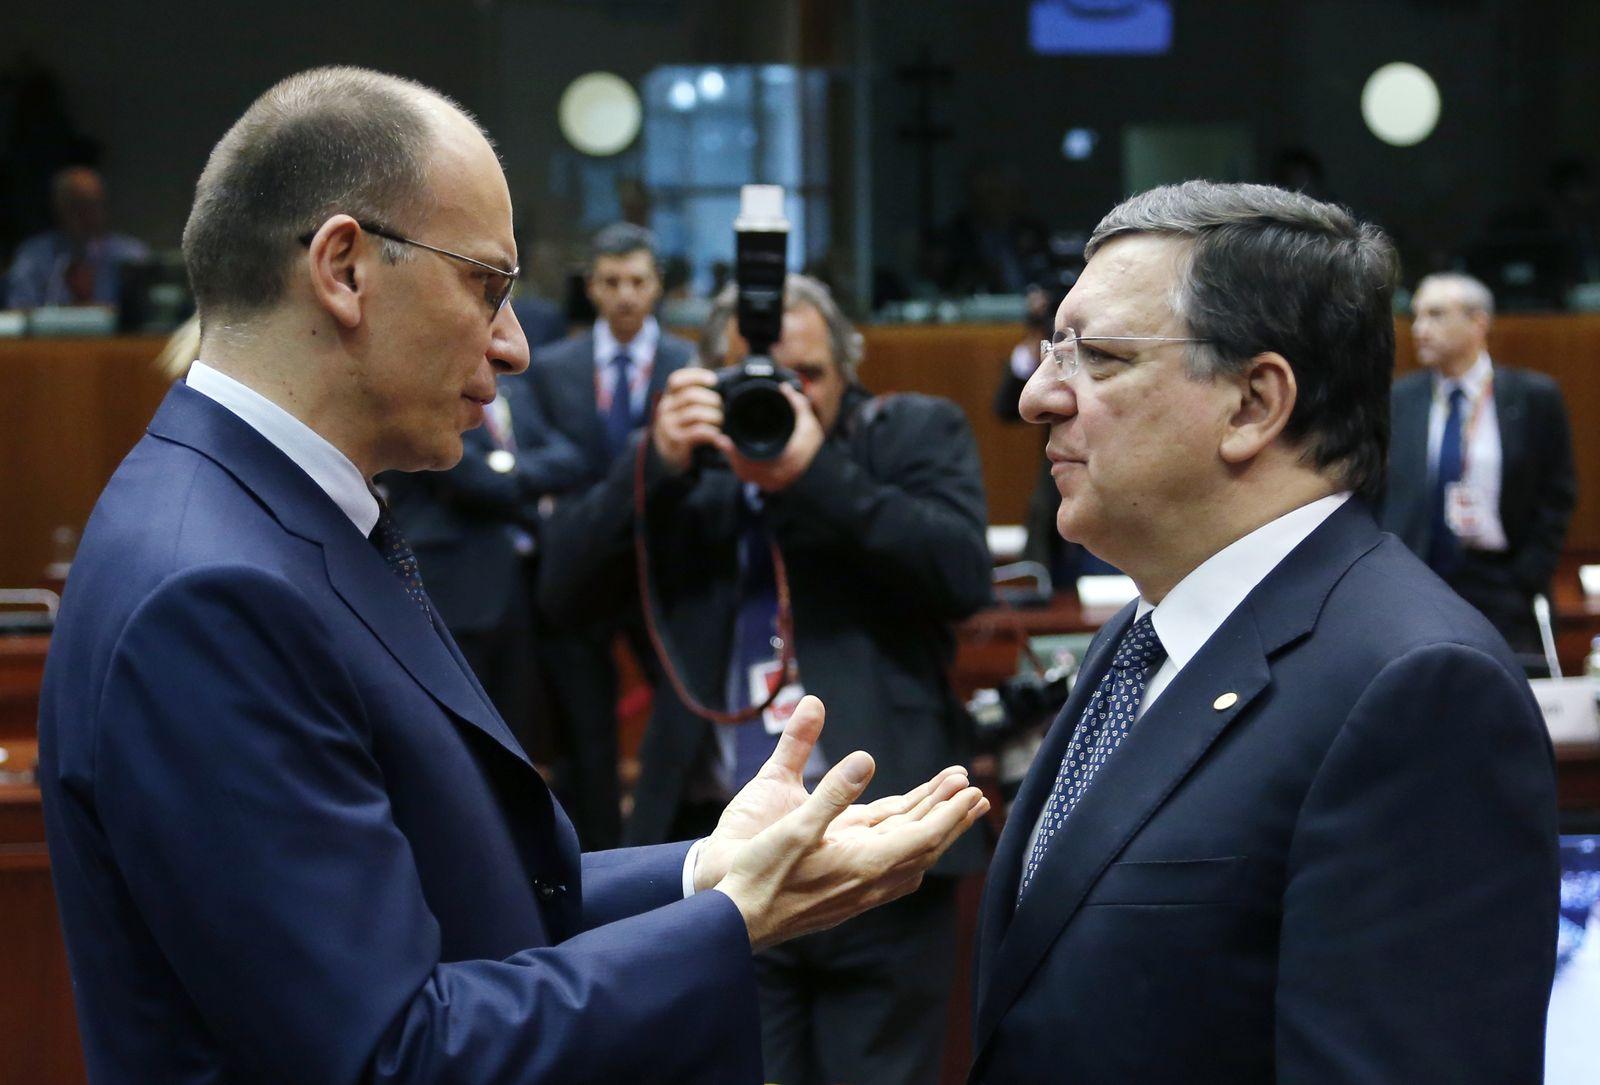 Letta / Barroso